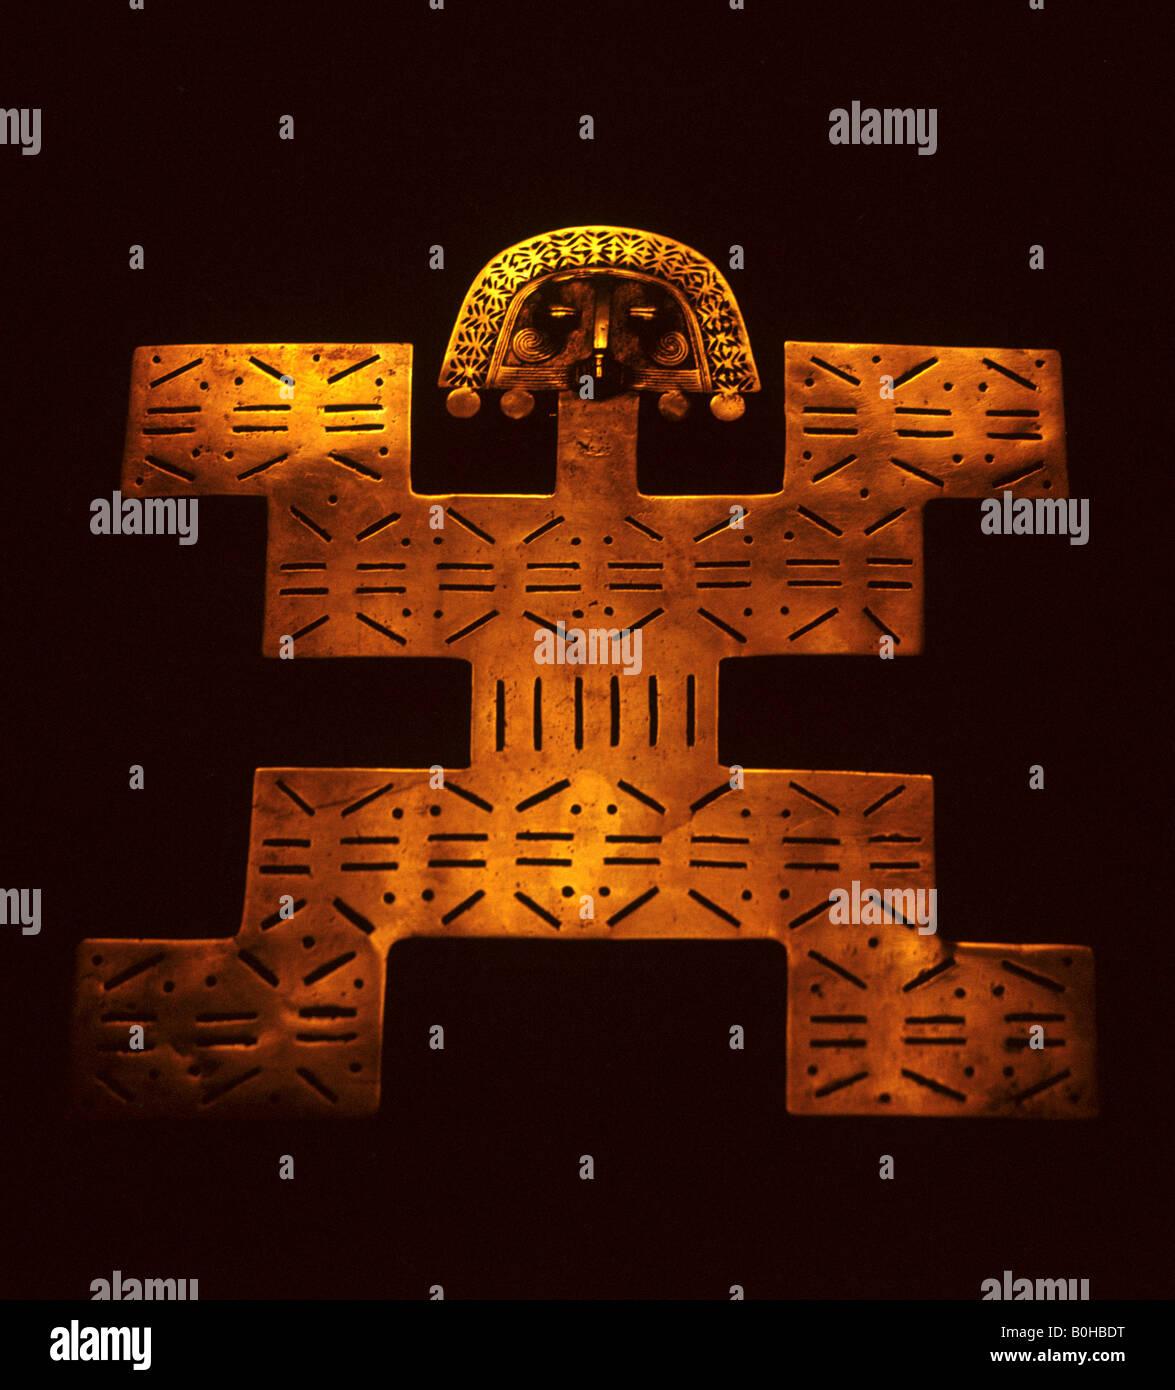 Golden Inca figure, Museo del Oro - Arte Precolombina, Pre-Columbian Gold Museum, Bogota, Colombia, South America - Stock Image